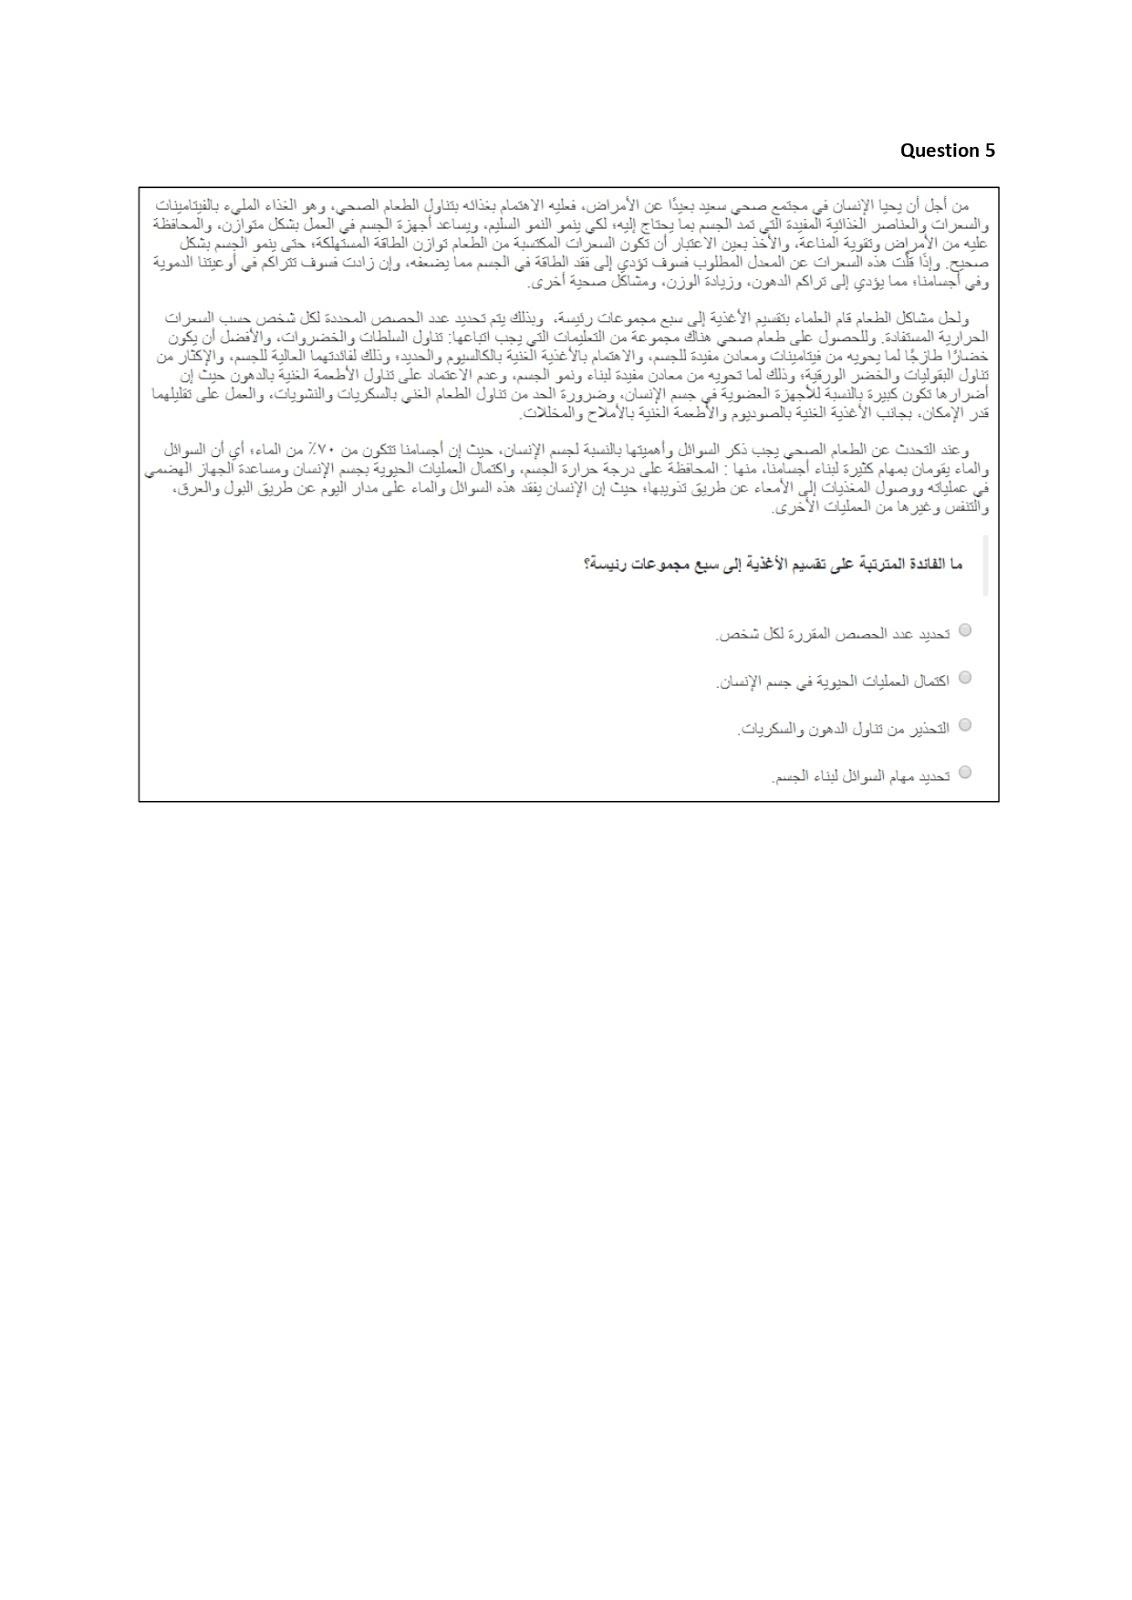 تحميل امتحان العربي للصف الاول الثانوى 2019